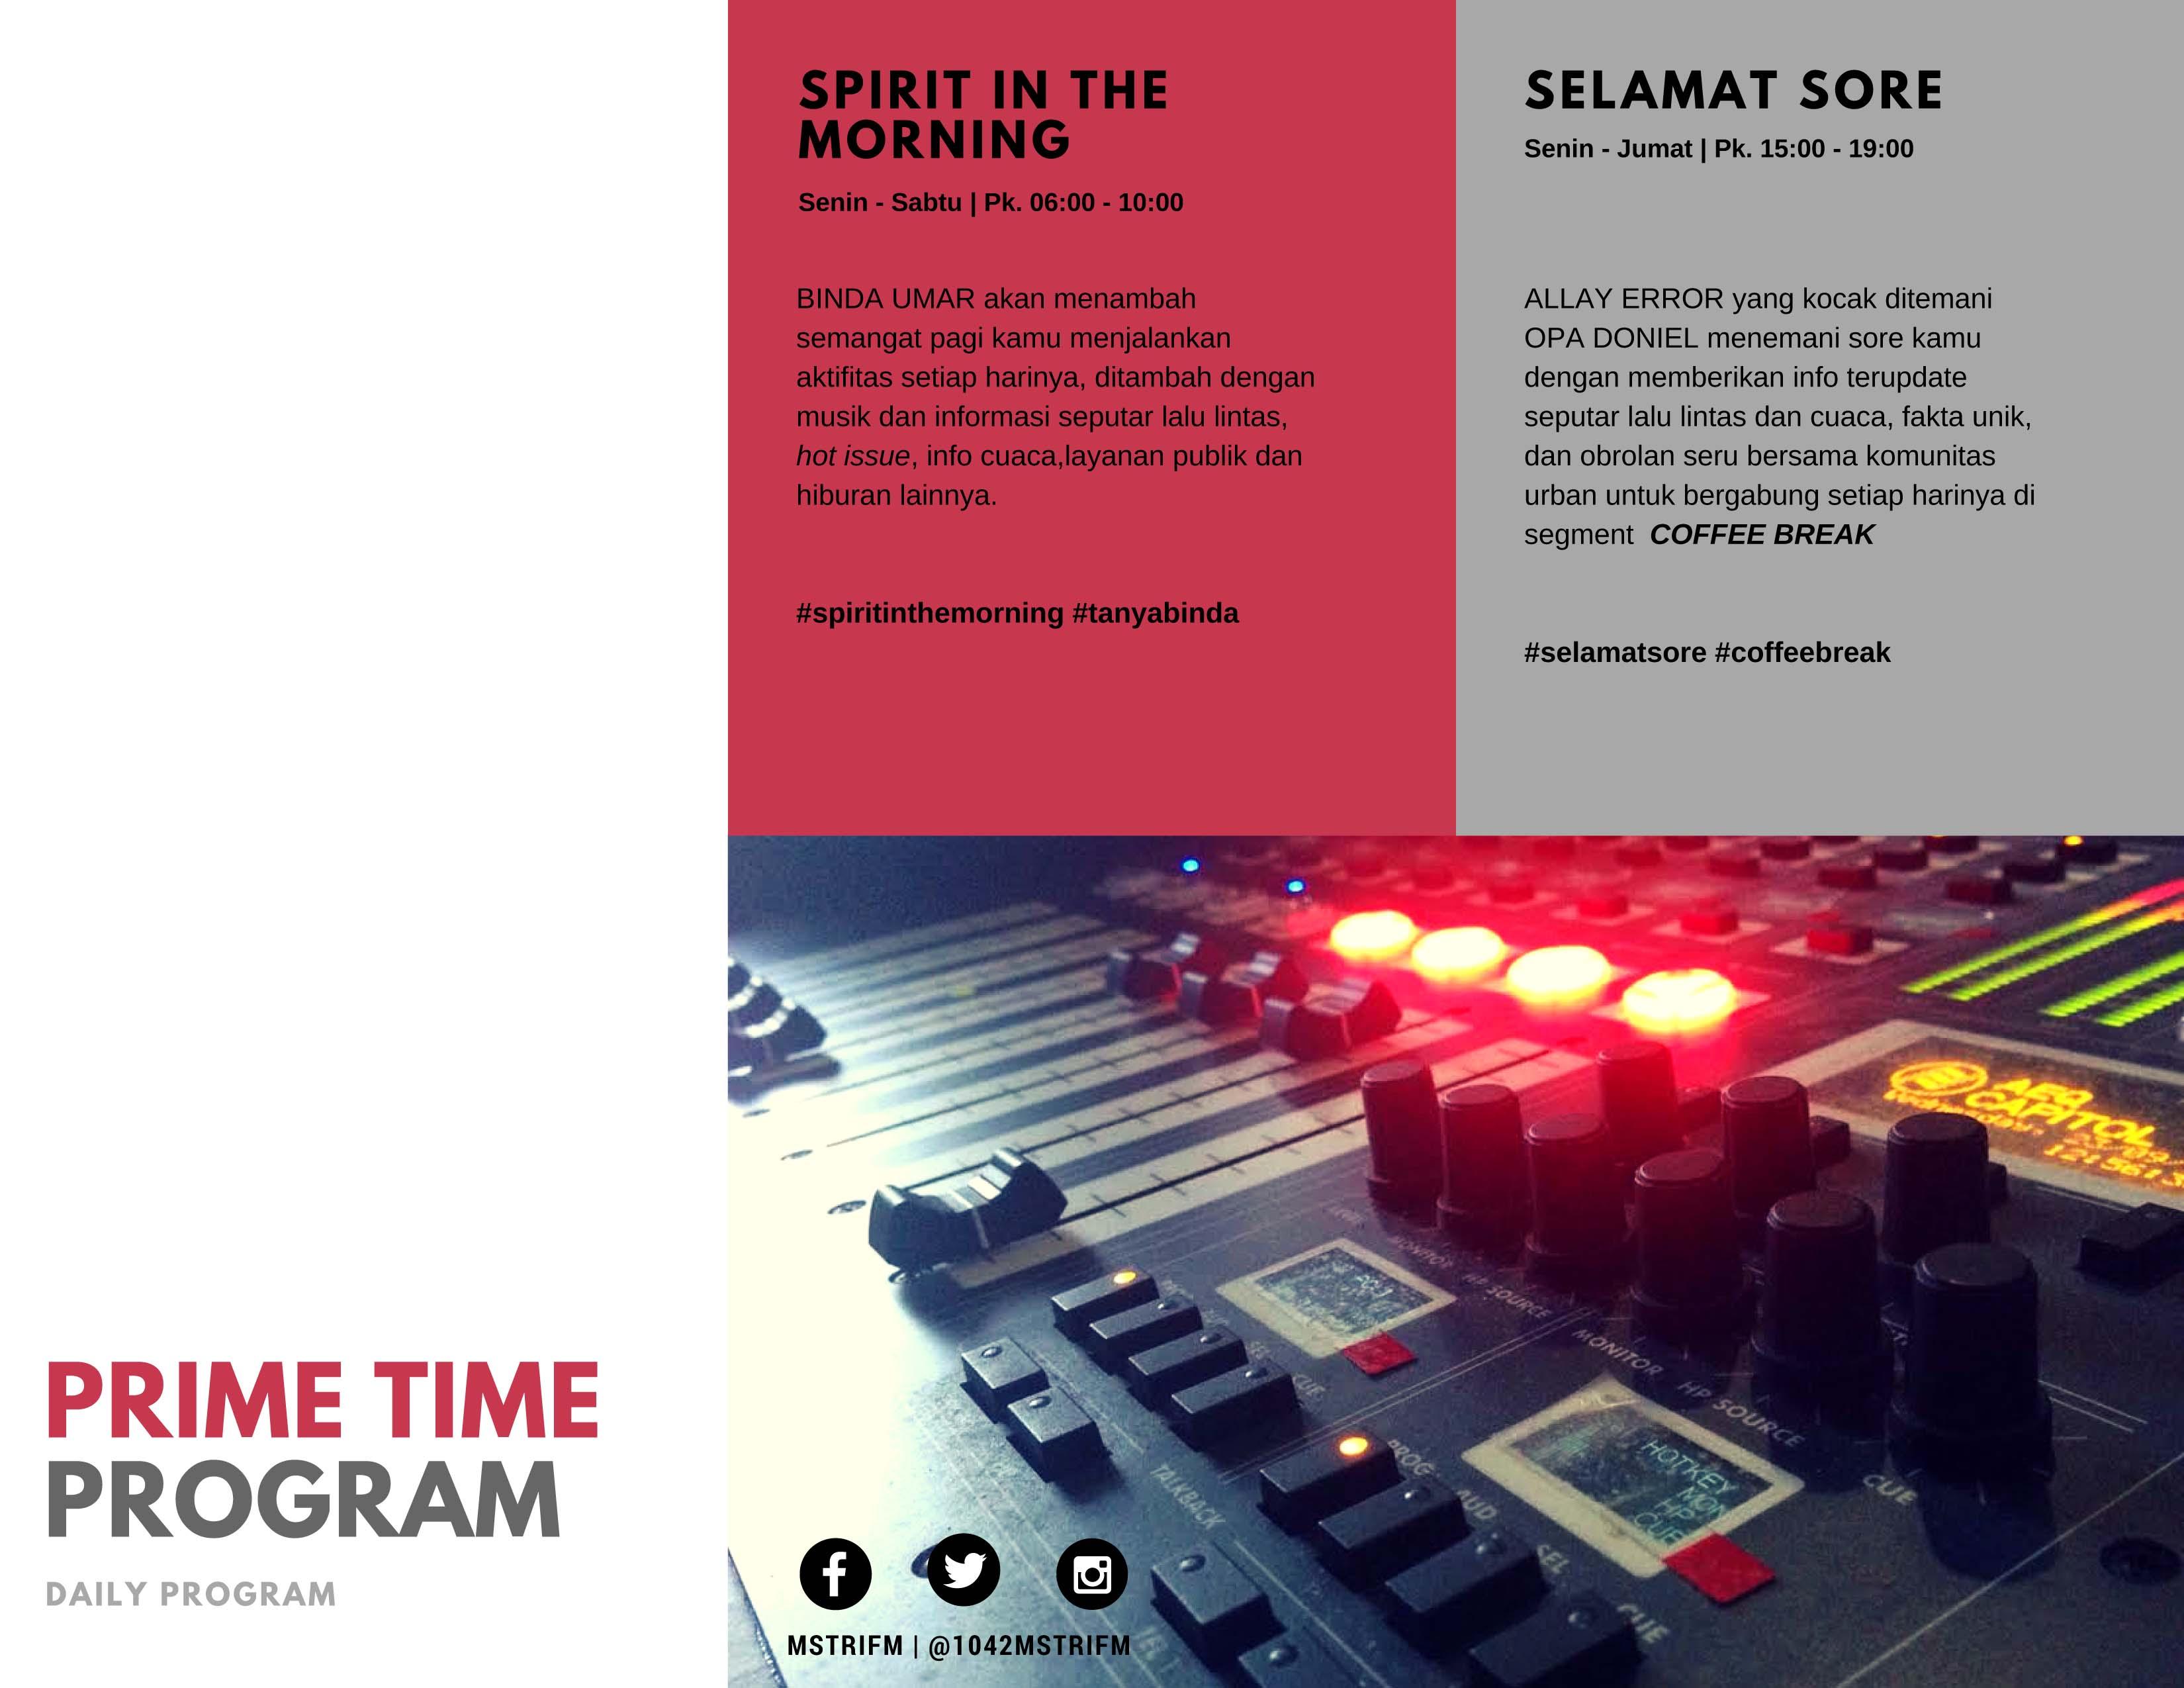 prime time program